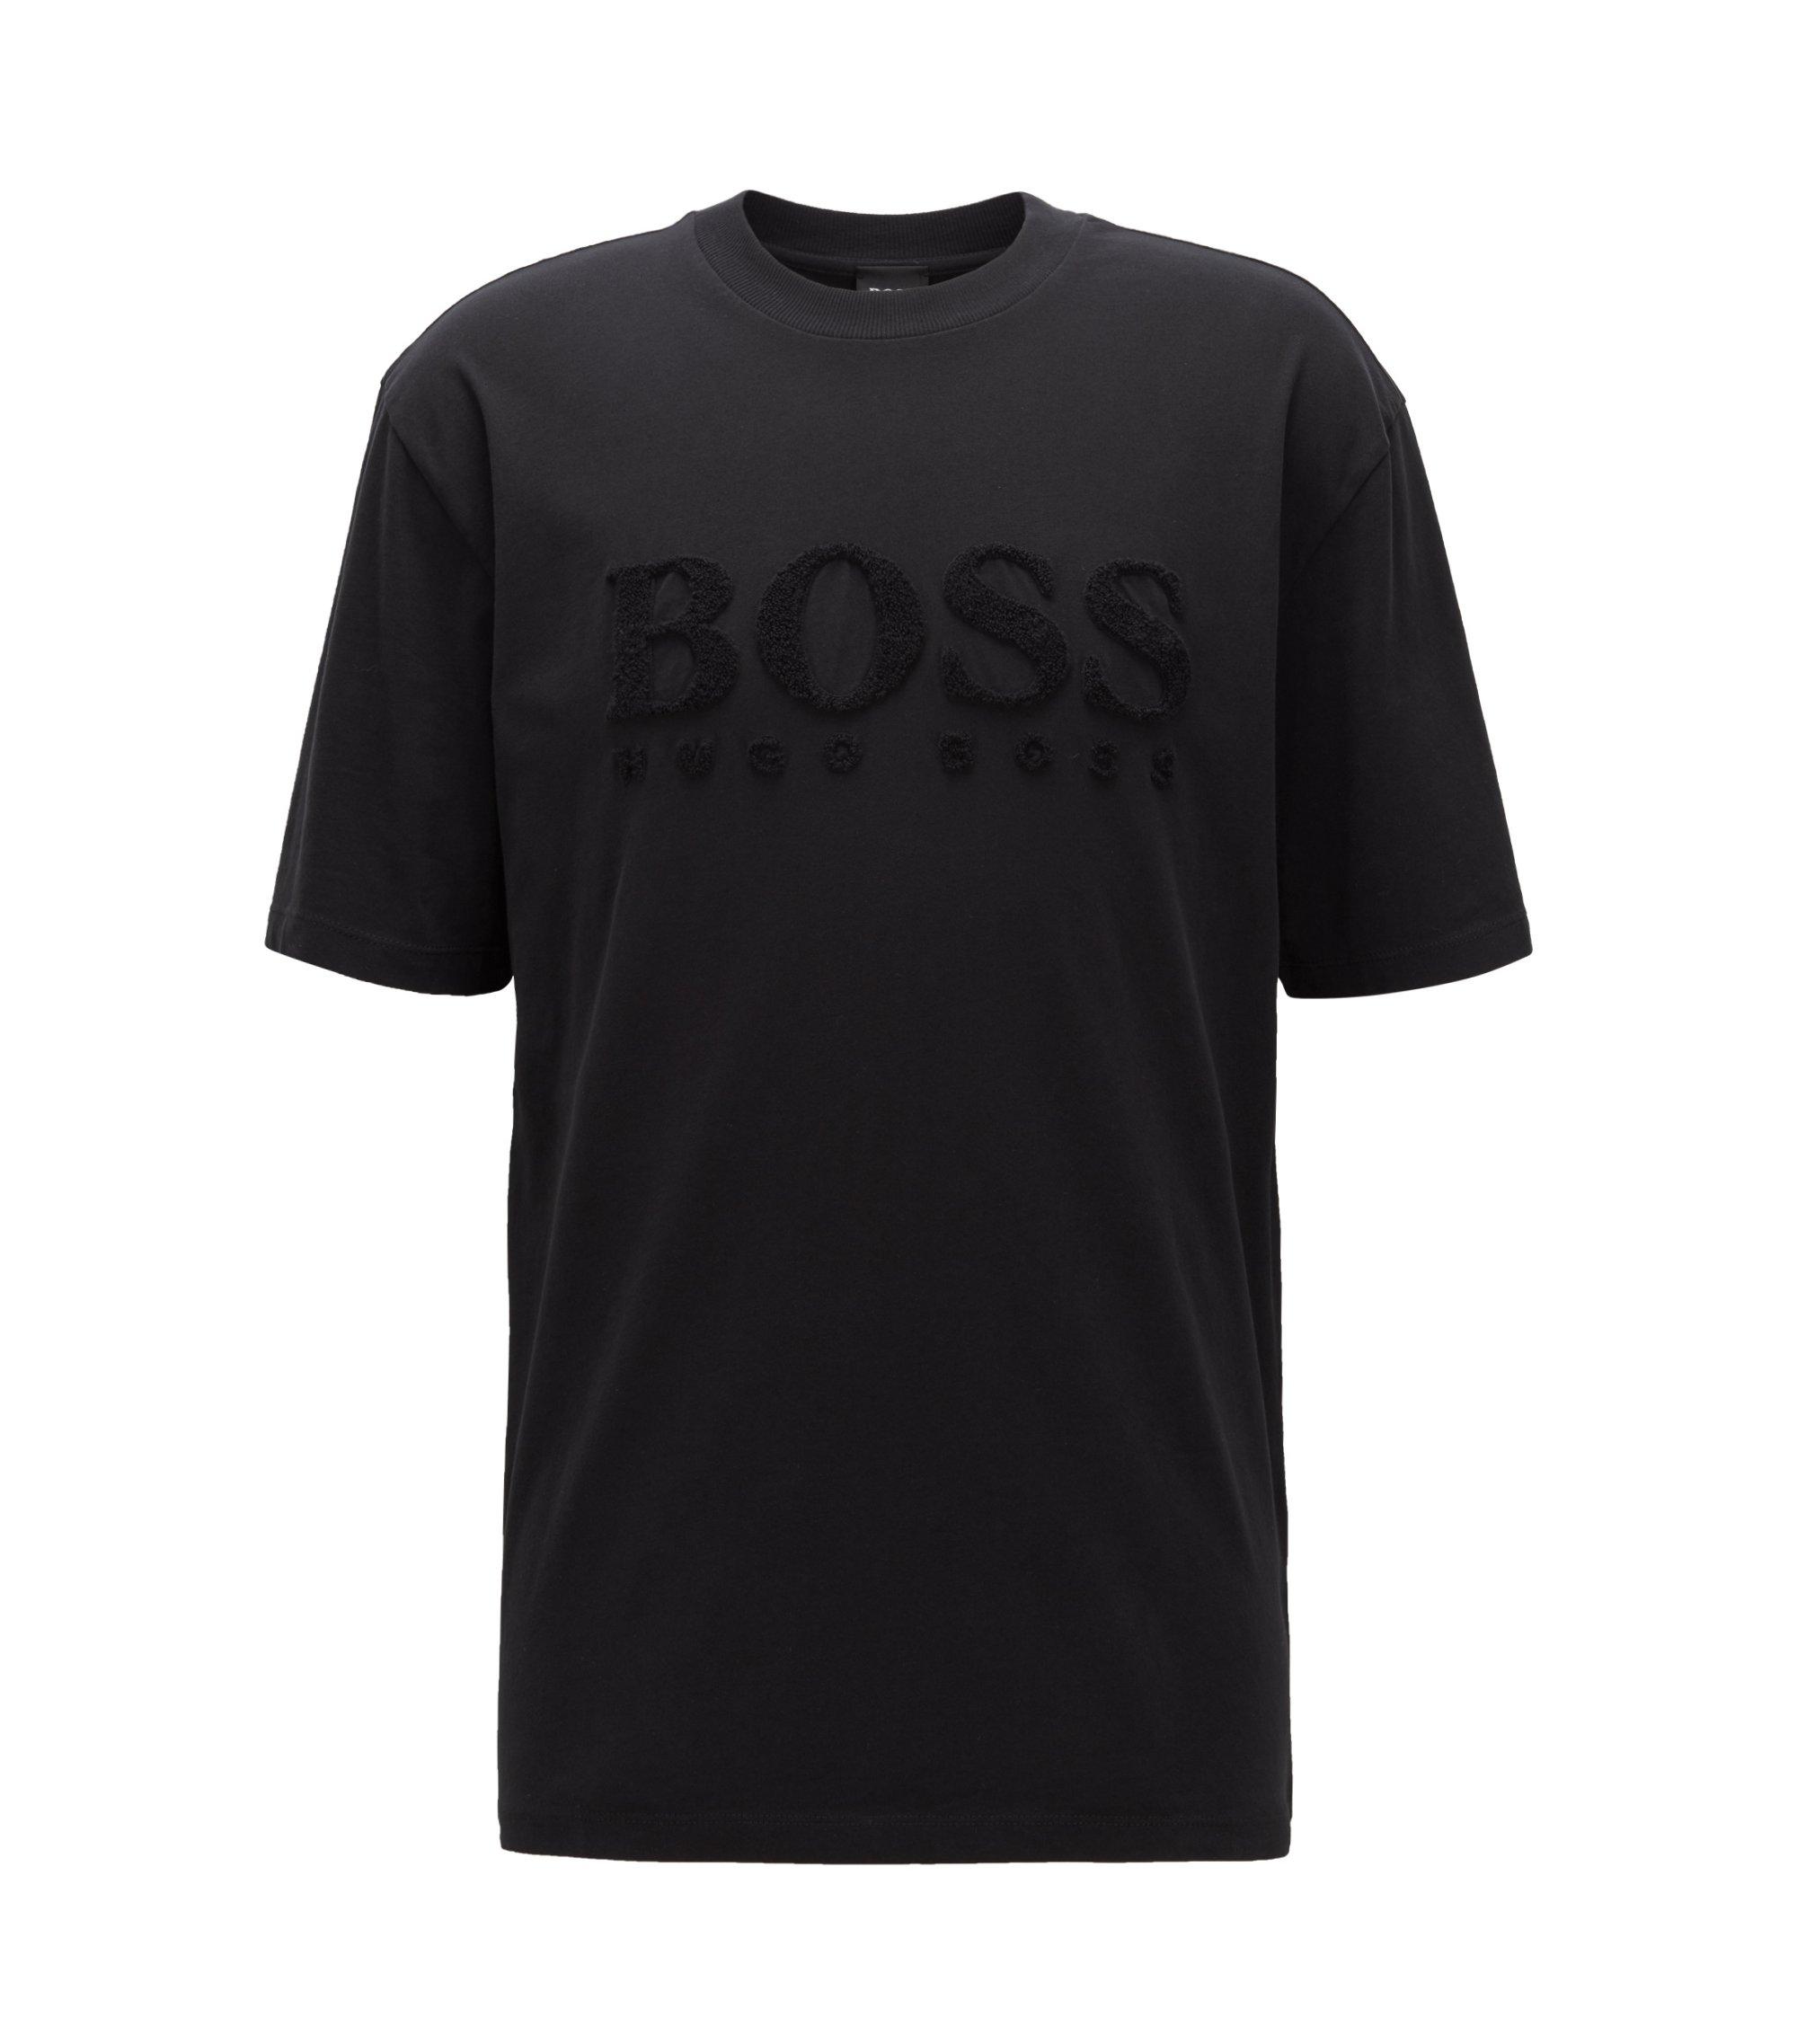 T-Shirt aus angerautem Single Jersey mit Rundhalsausschnitt, Schwarz